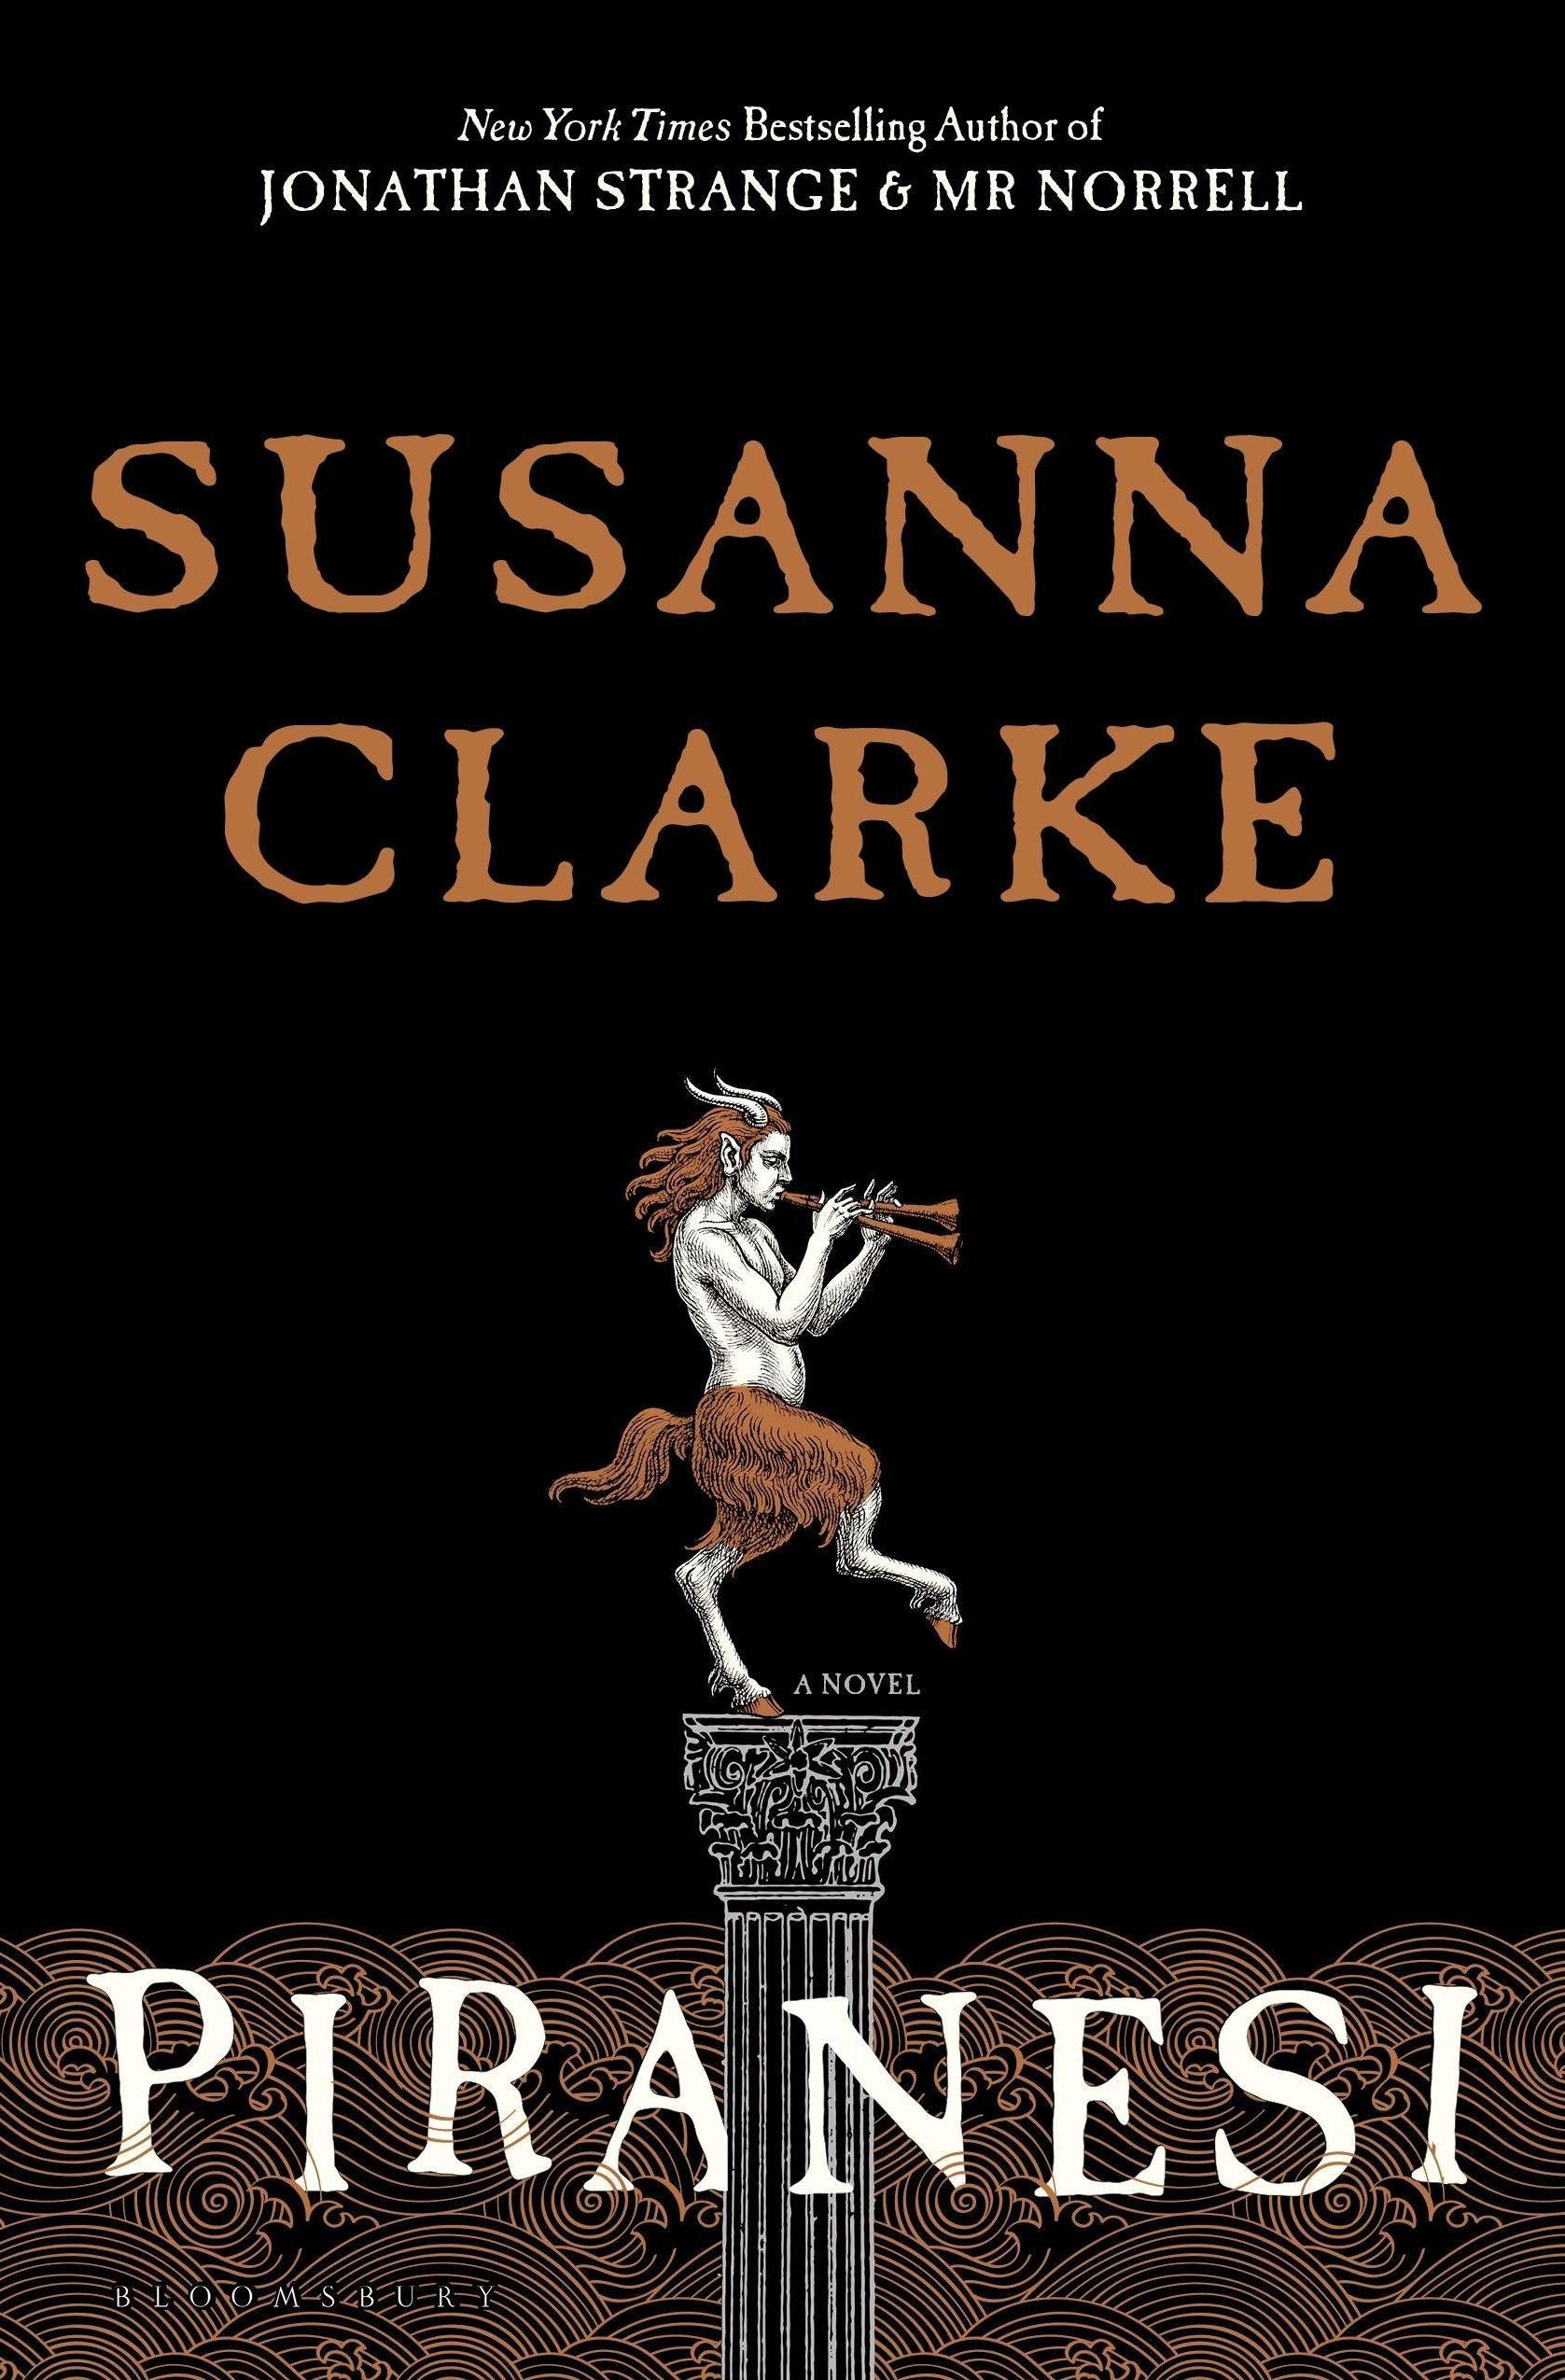 Susanna Clarke Divines Magic In Long-Awaited Novel 'Piranesi'